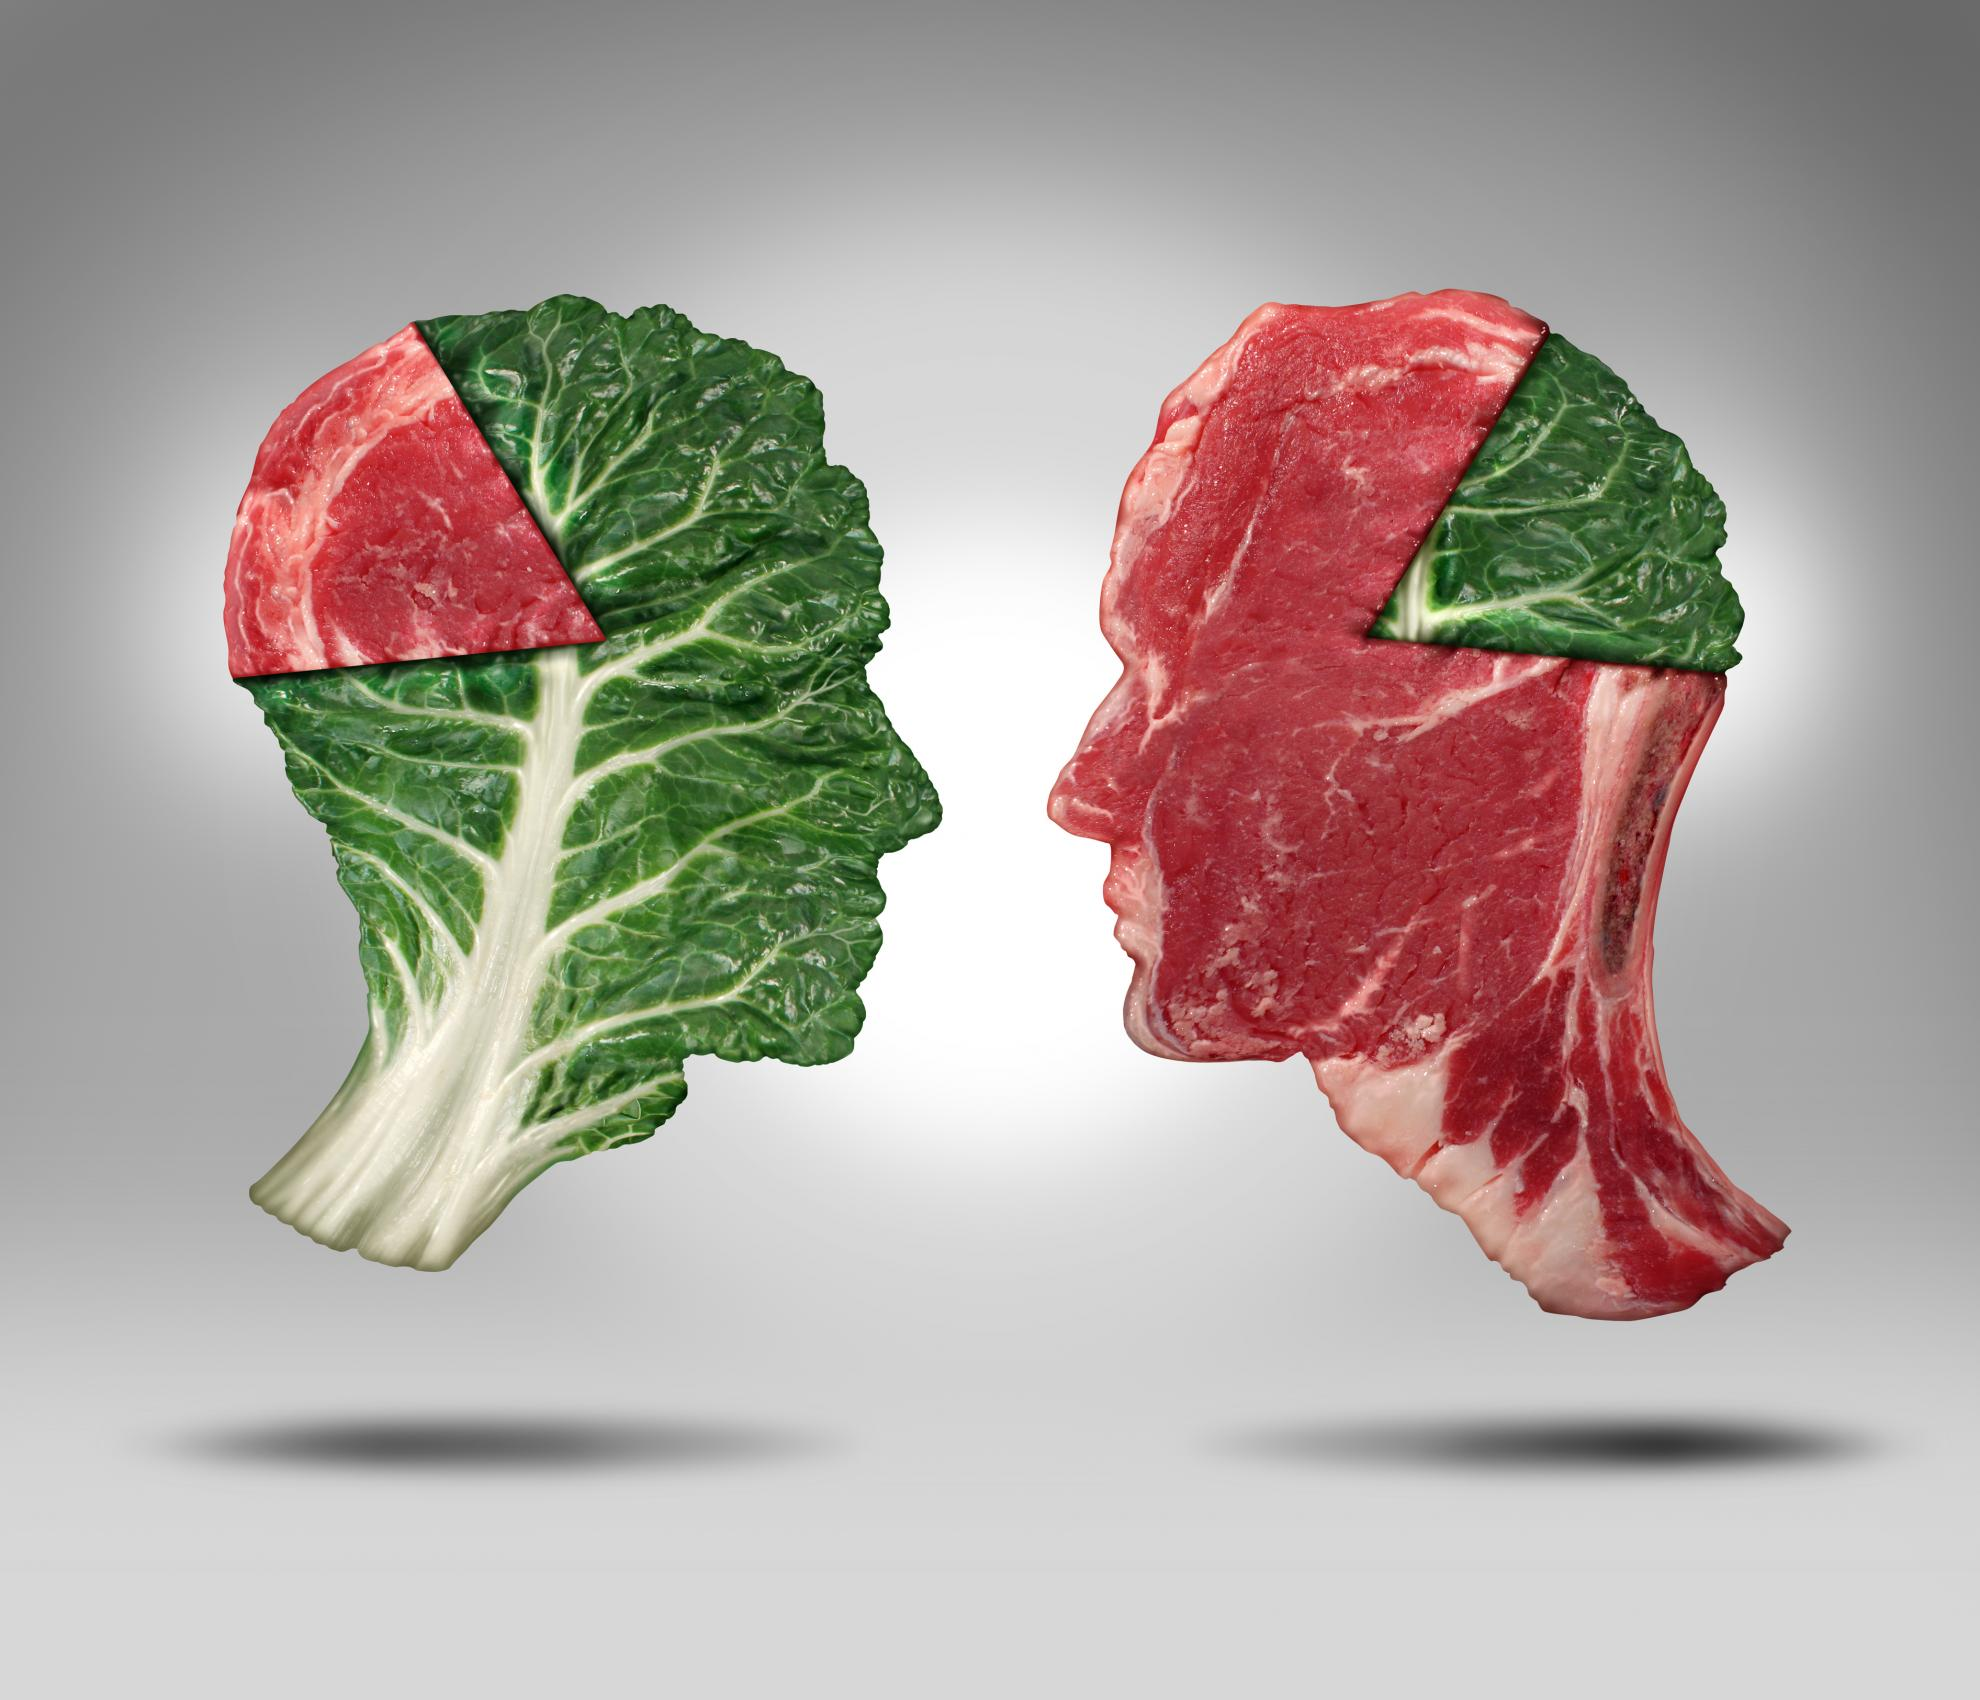 Как сбалансировать по аминокислотам вегетарианский и мясоедческий рационы